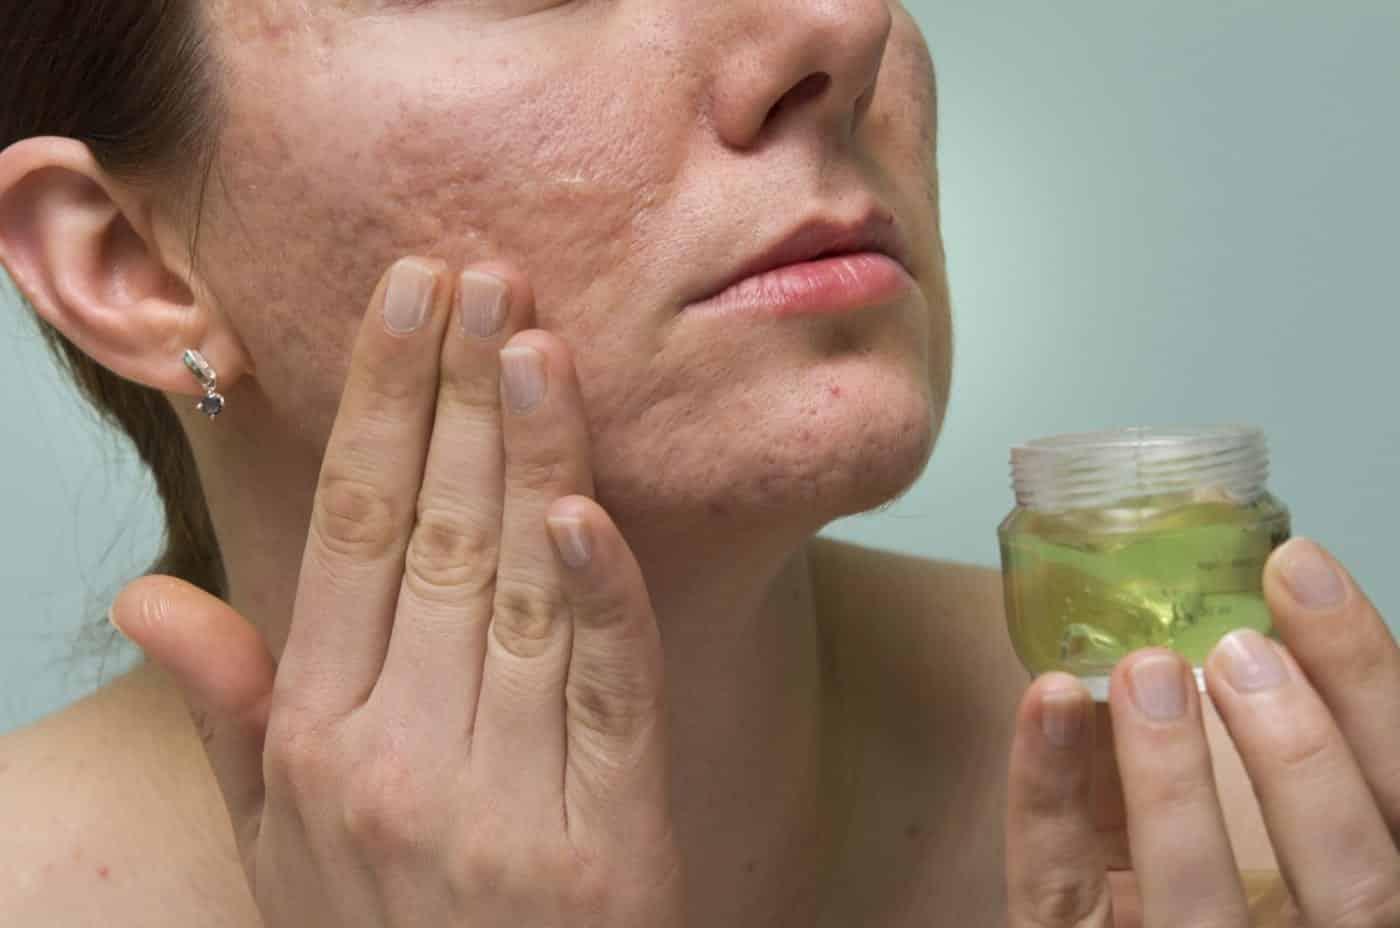 Babosa no rosto - Benefícios, dúvidas frequentes + 6 receitas caseiras